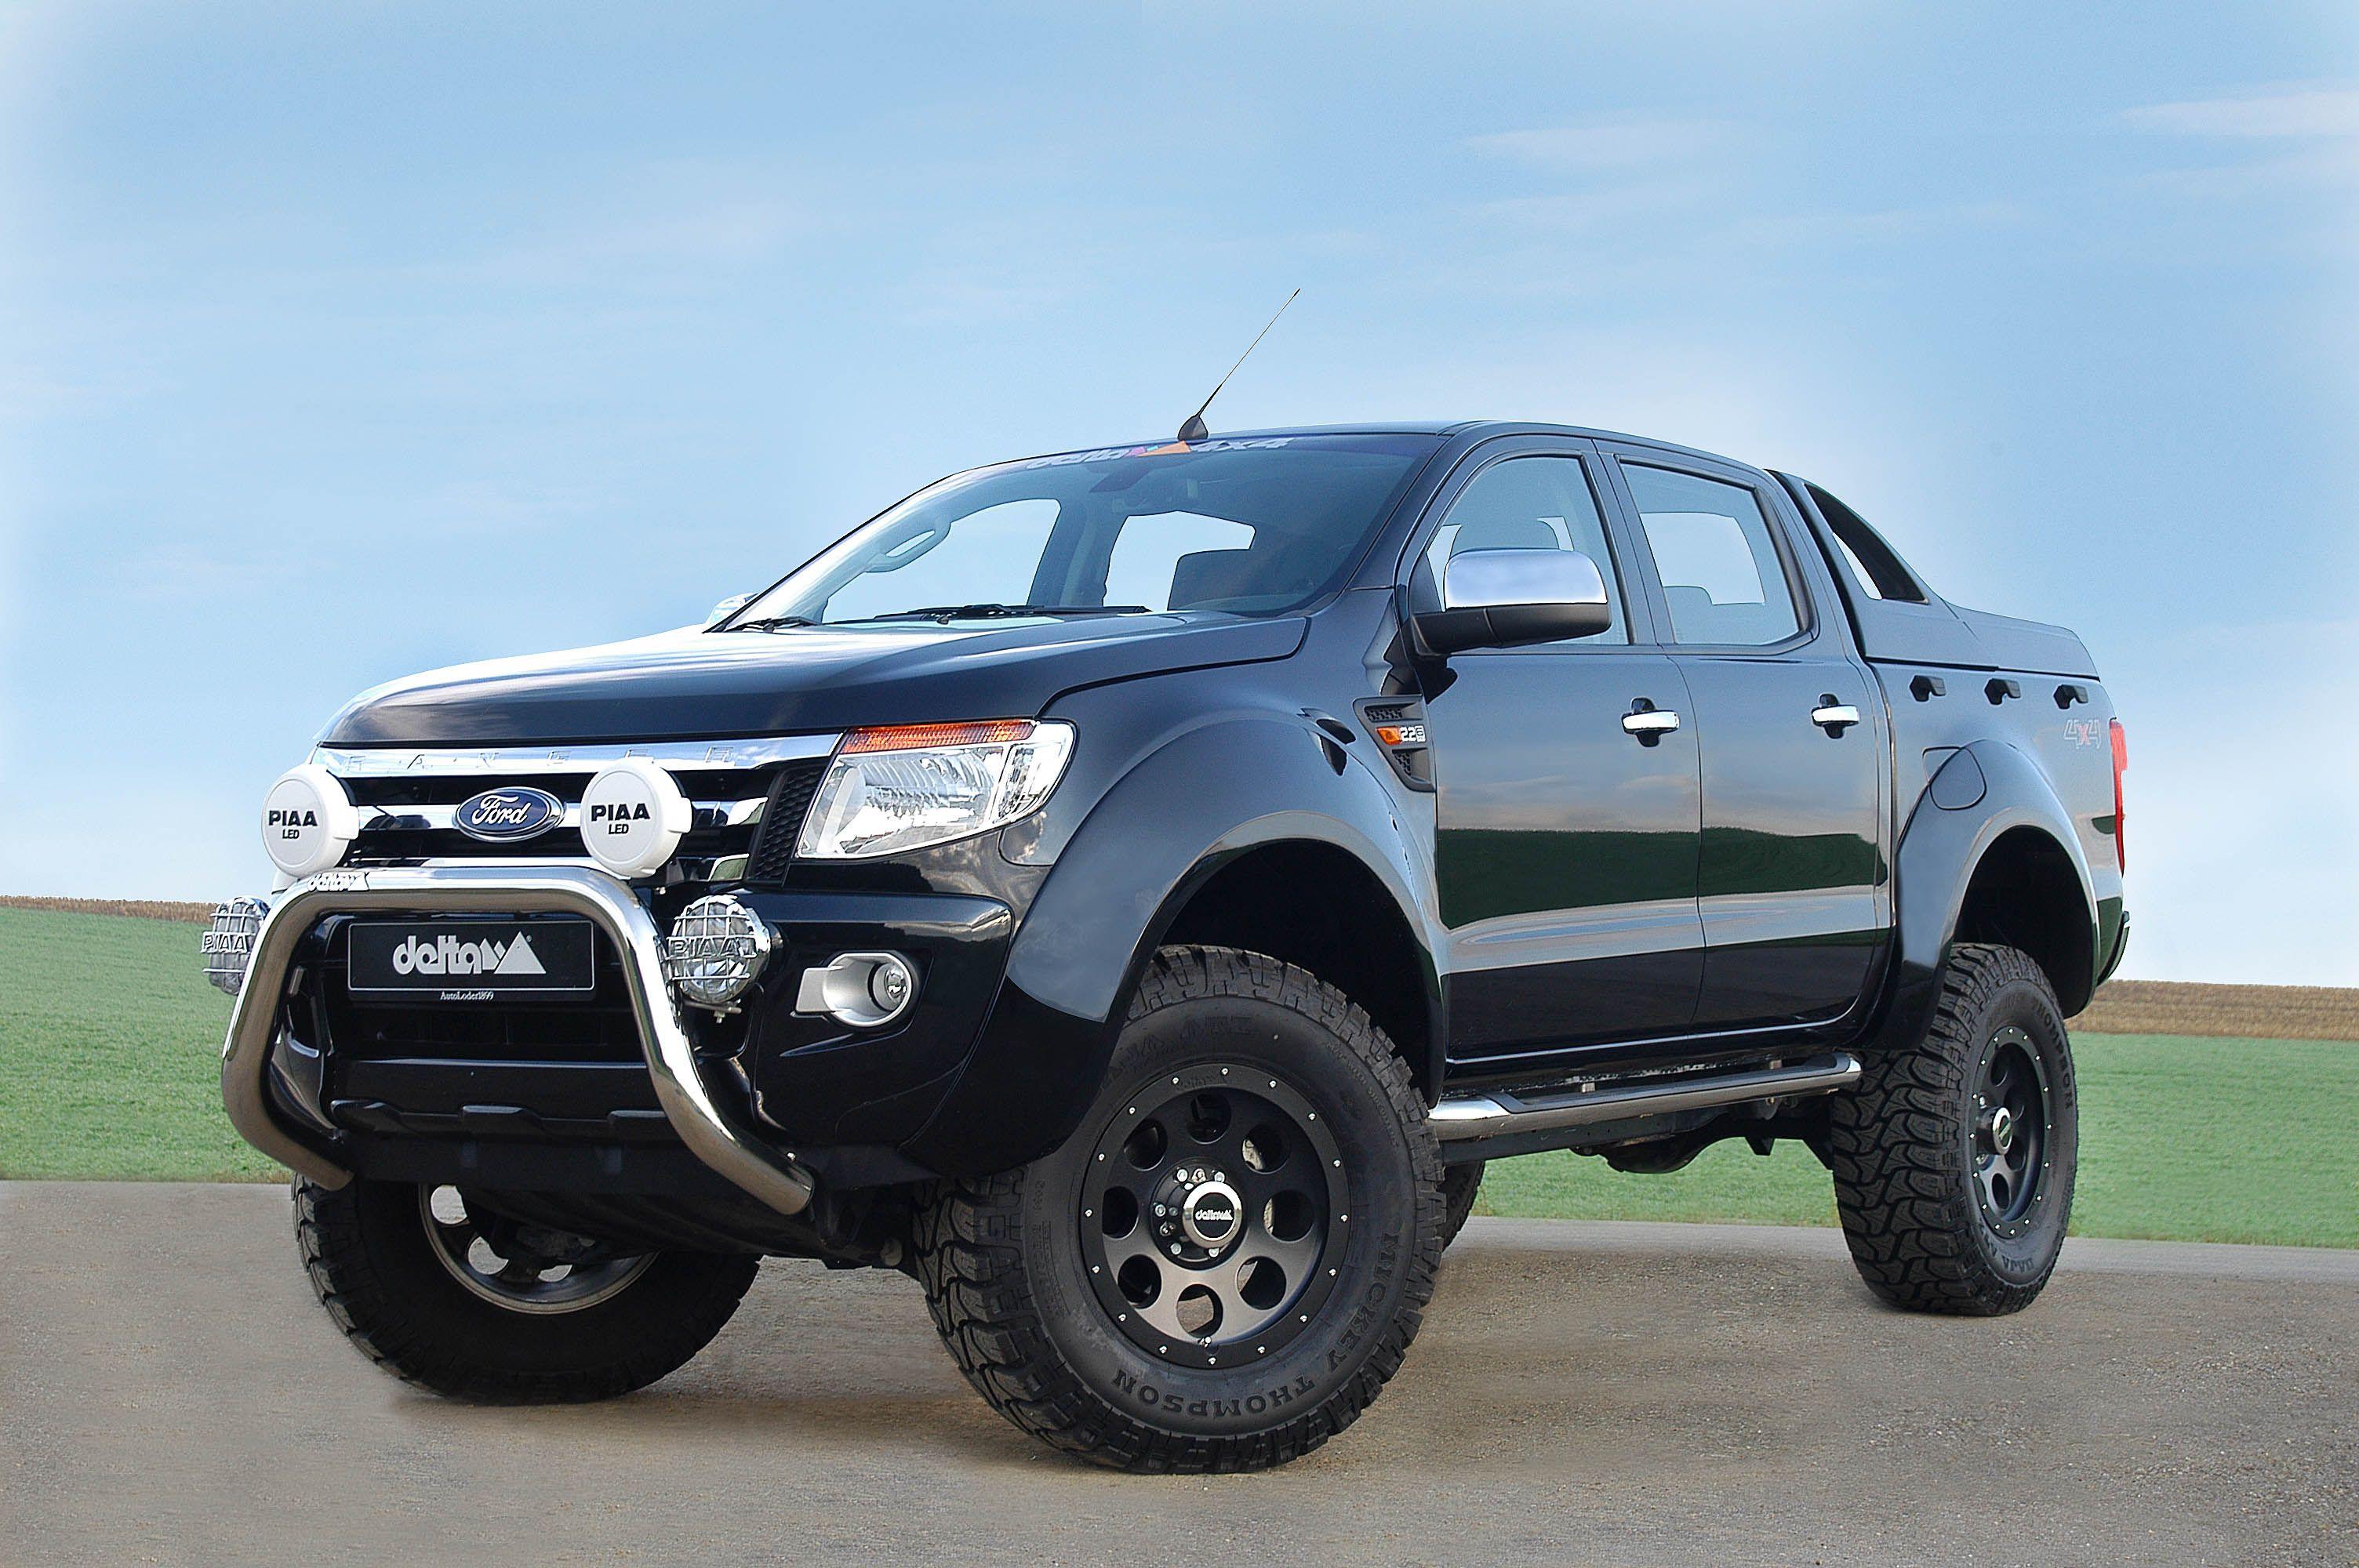 Ford Ranger Price Modifications Pictures Moibibiki Ford Ranger Custom Cars Dream Cars